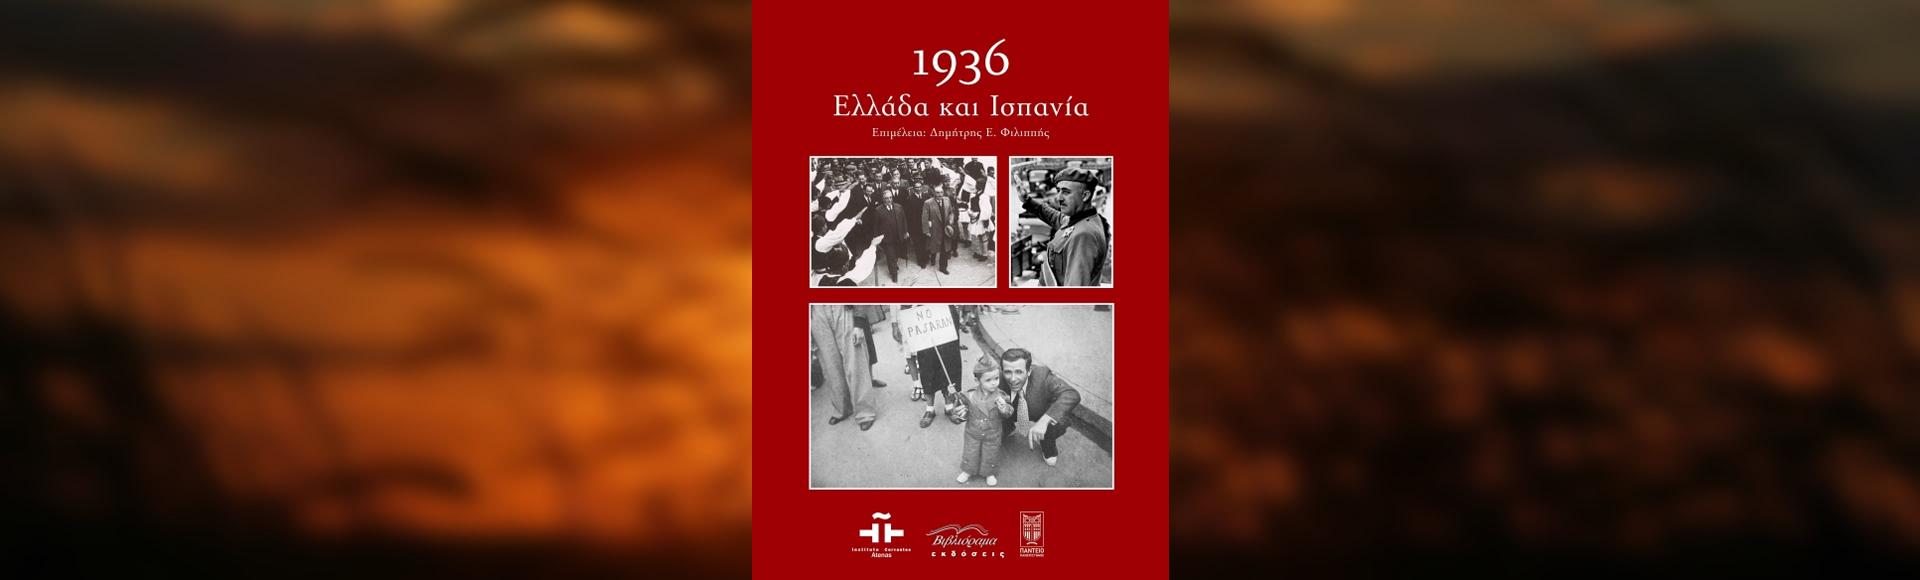 1936 – Ελλάδα και Ισπανία